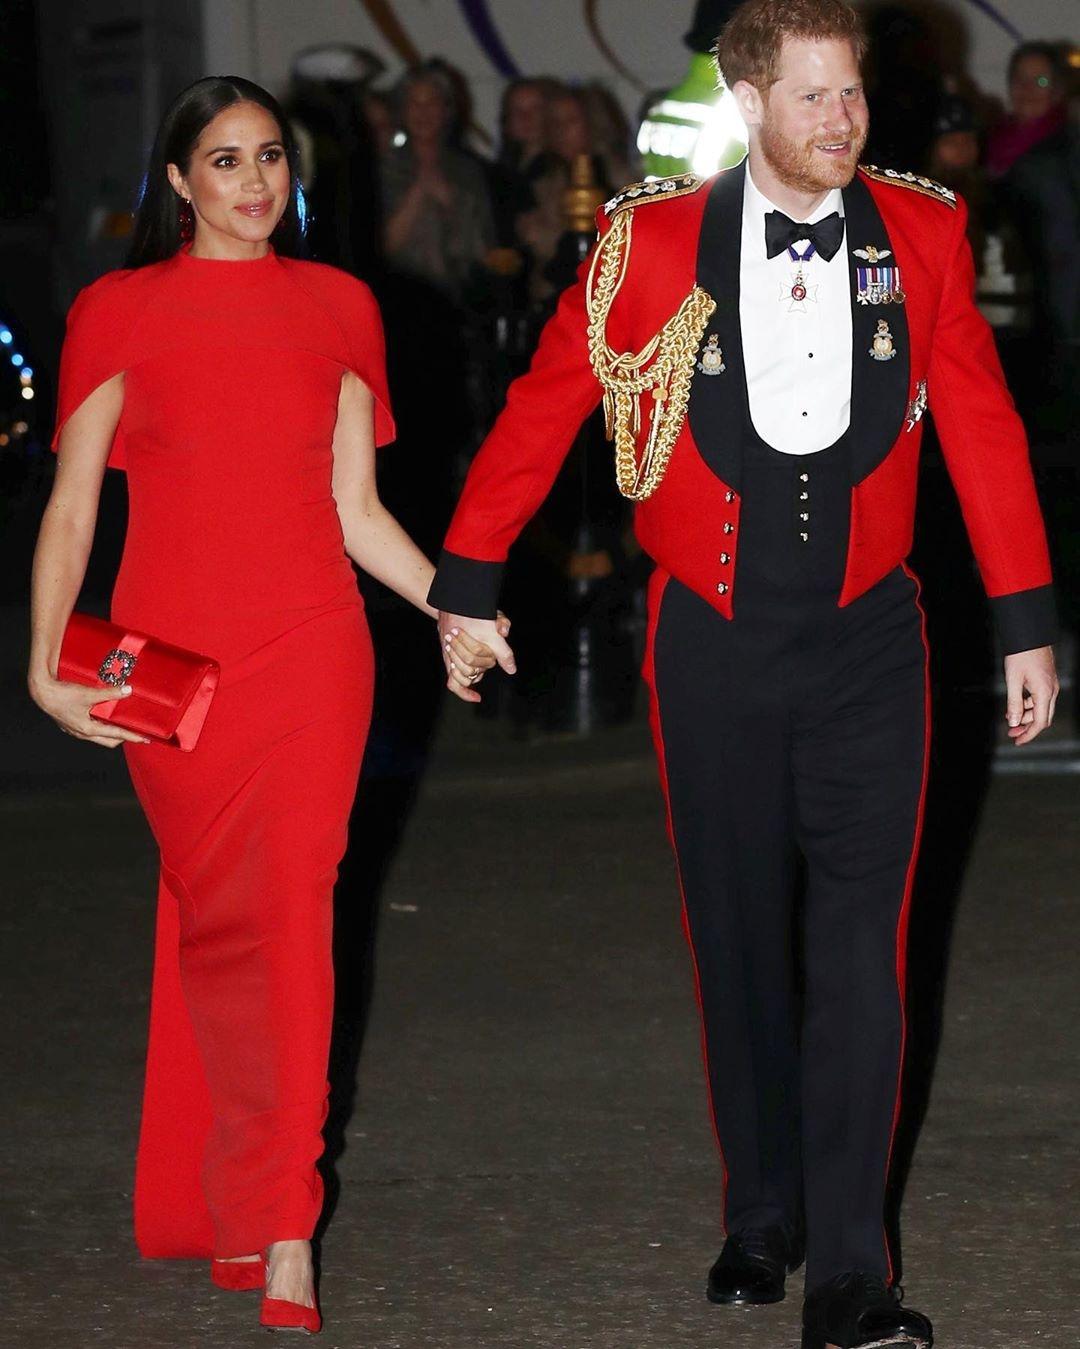 Роскошный выход Меган Маркл и принца Гарри: внук королевы появился в последний раз в качестве генерал-капитана Королевской морской пехоты (ФОТО) - фото №1